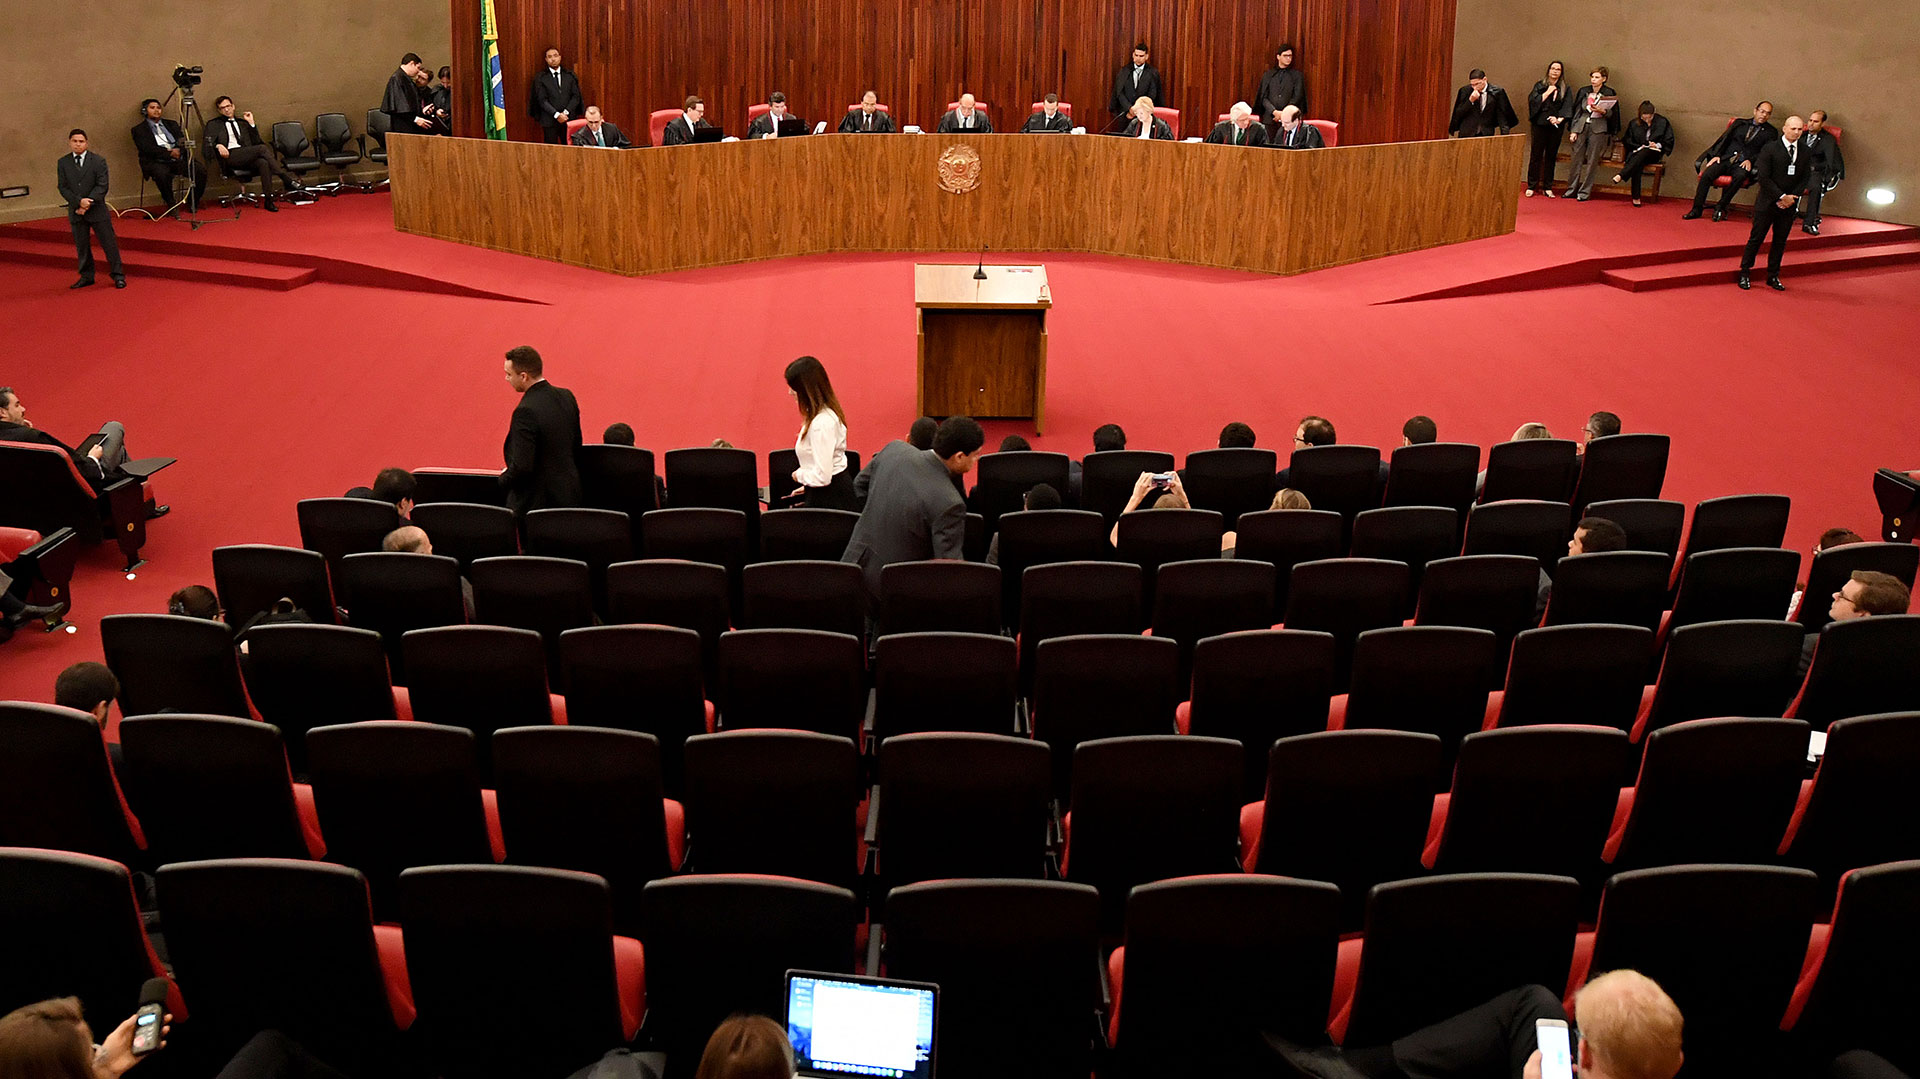 El TSE juzga si la campaña cometió abusos de poder político y económico y se benefició de financiación ilegal procedente del megafraude a Petrobras (AFP)